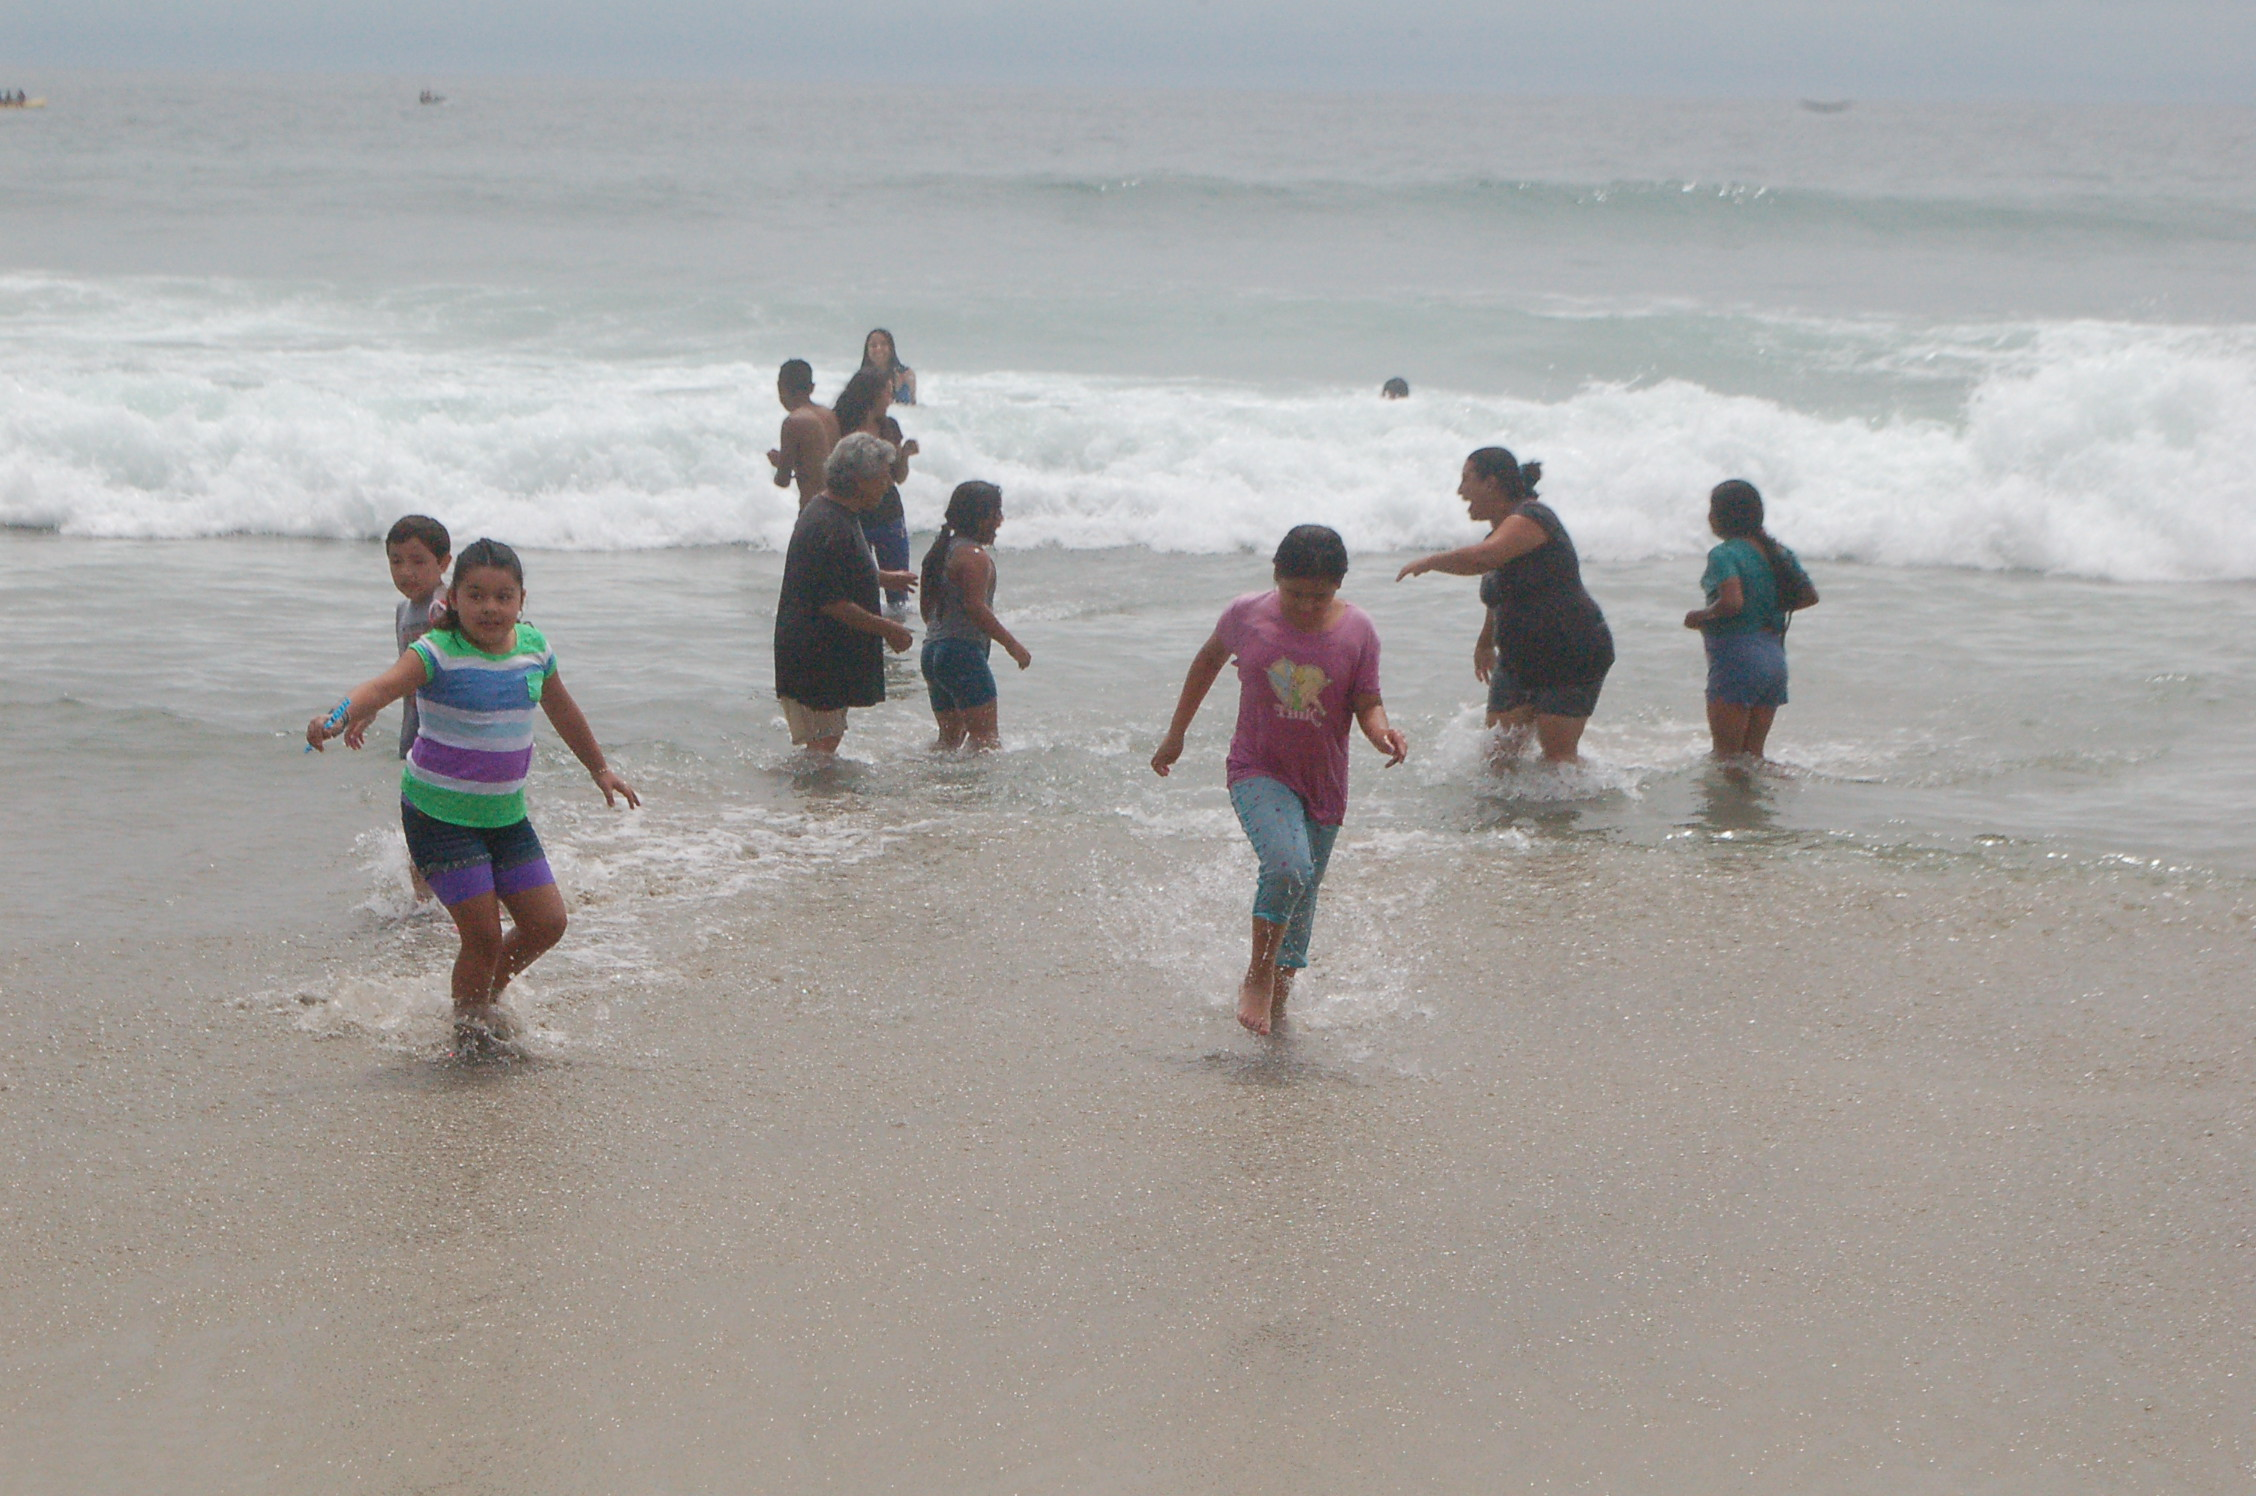 Llegaron 25 mil turistas a Playas  de Rosarito por el día 4 de julio